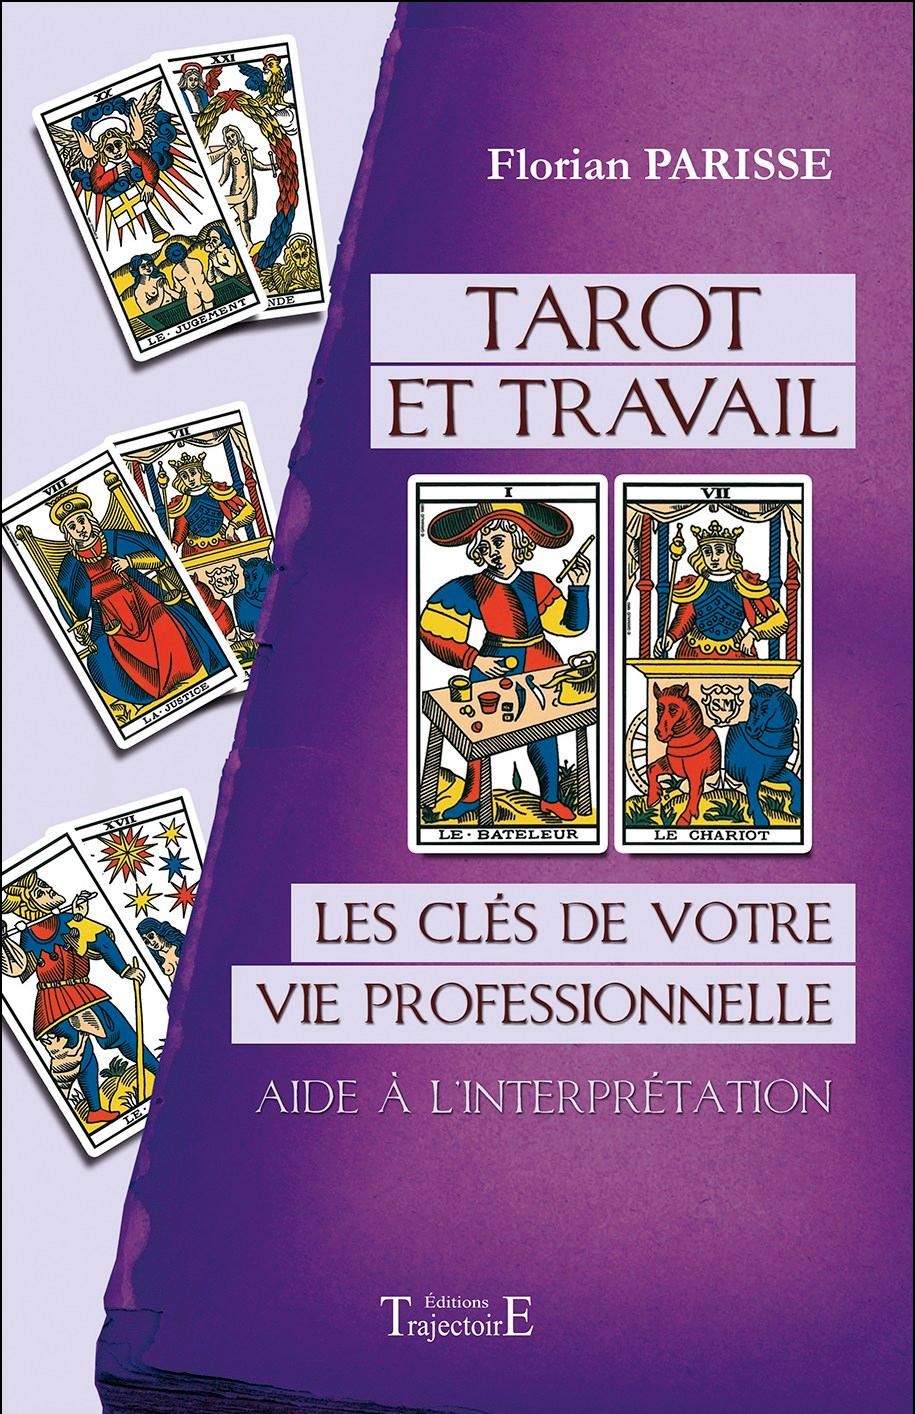 tarot-et-travail-plat1.jpg